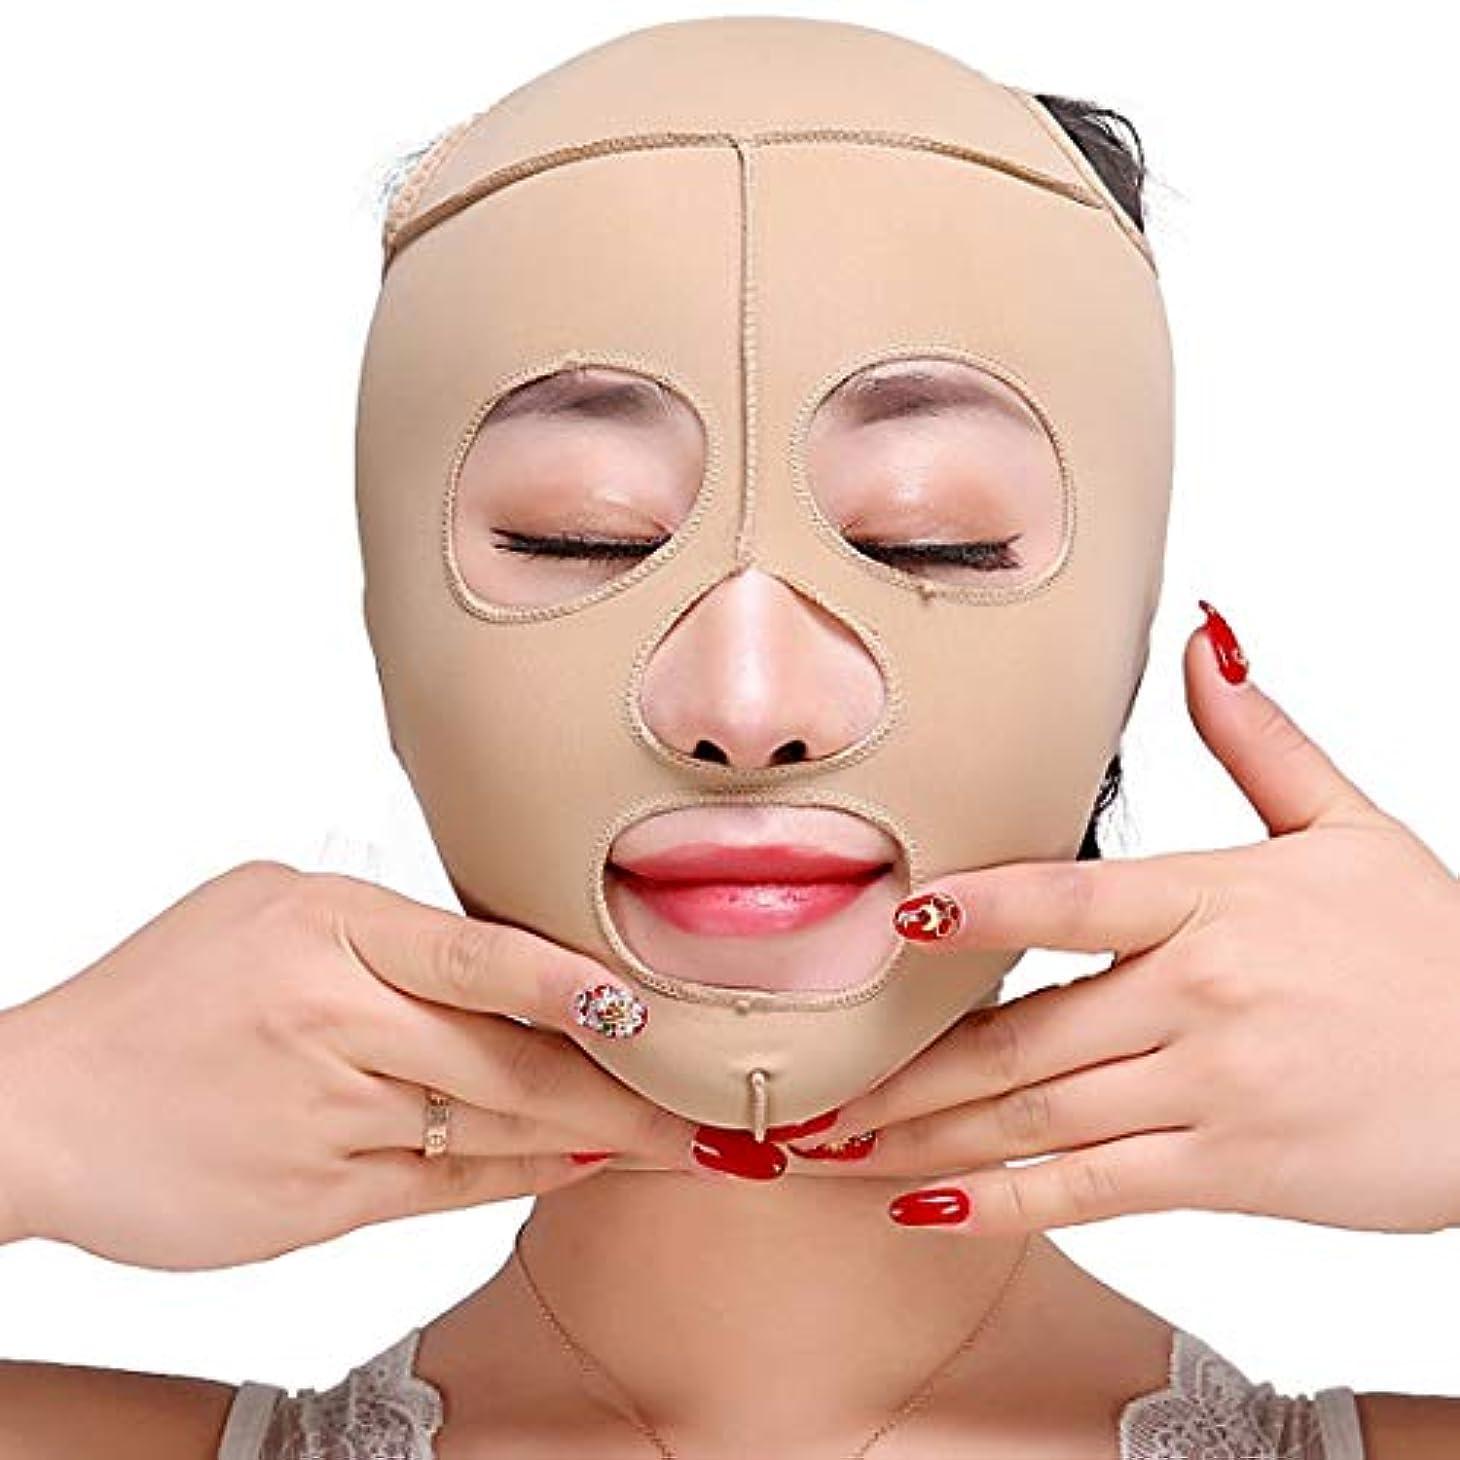 進化する繁雑に対応ZWBD フェイスマスク, フェイスリフティング包帯Vフェイスリフティングと締め付けフェイスリフティングマスクラインカービングヘッドカバー術後回復顔整形包帯